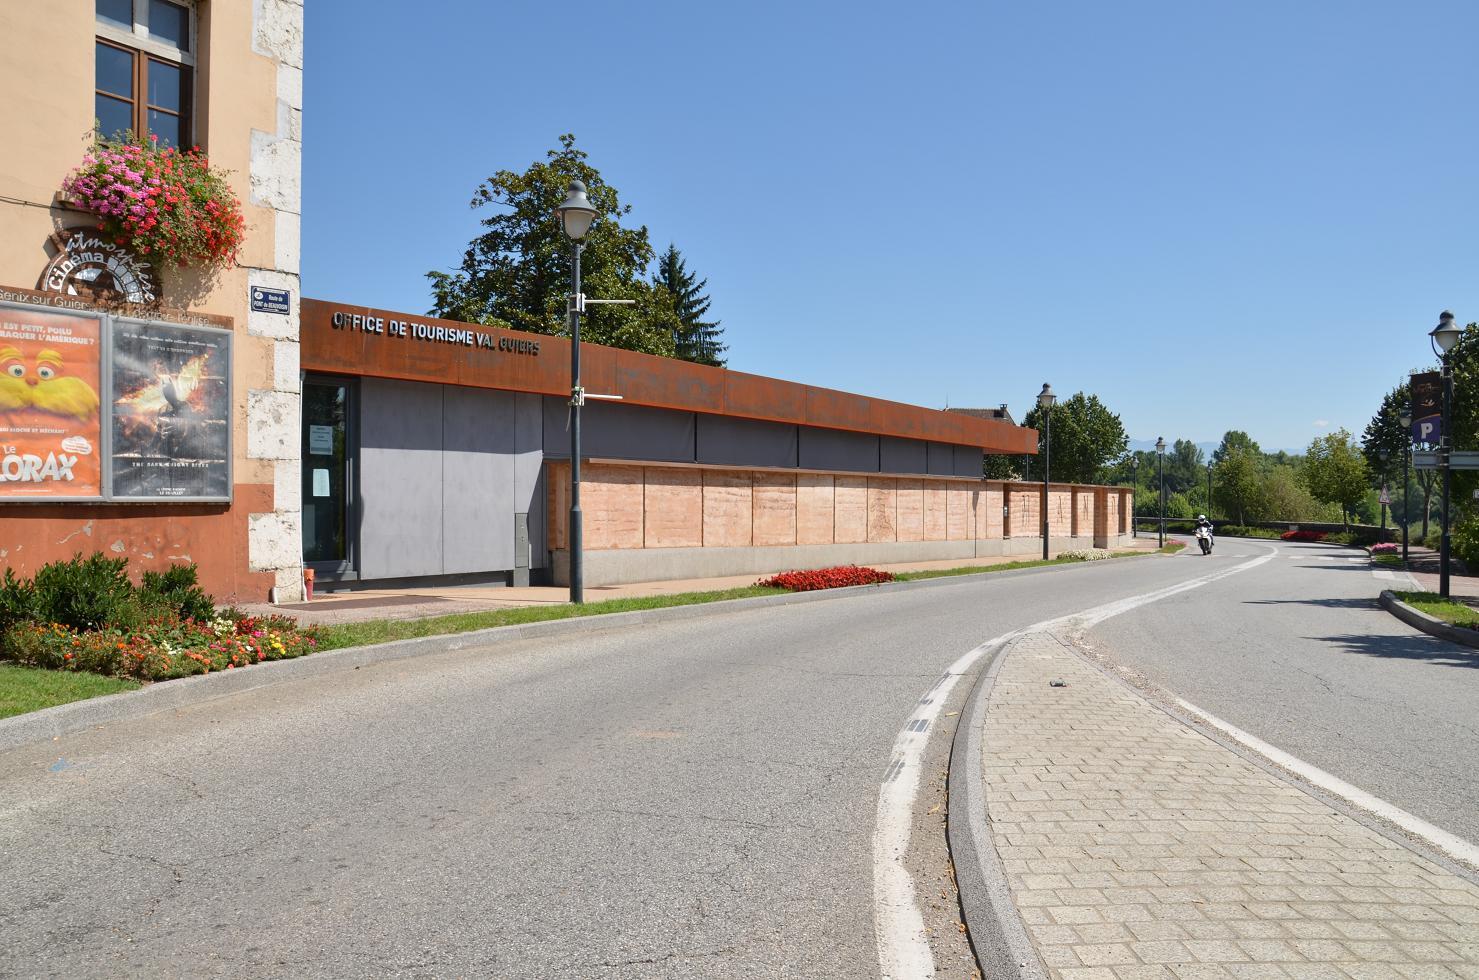 Office de tourisme pays du lac d 39 aiguebelette bureau d 39 information touristique de saint genix - Office de tourisme verneuil sur avre ...